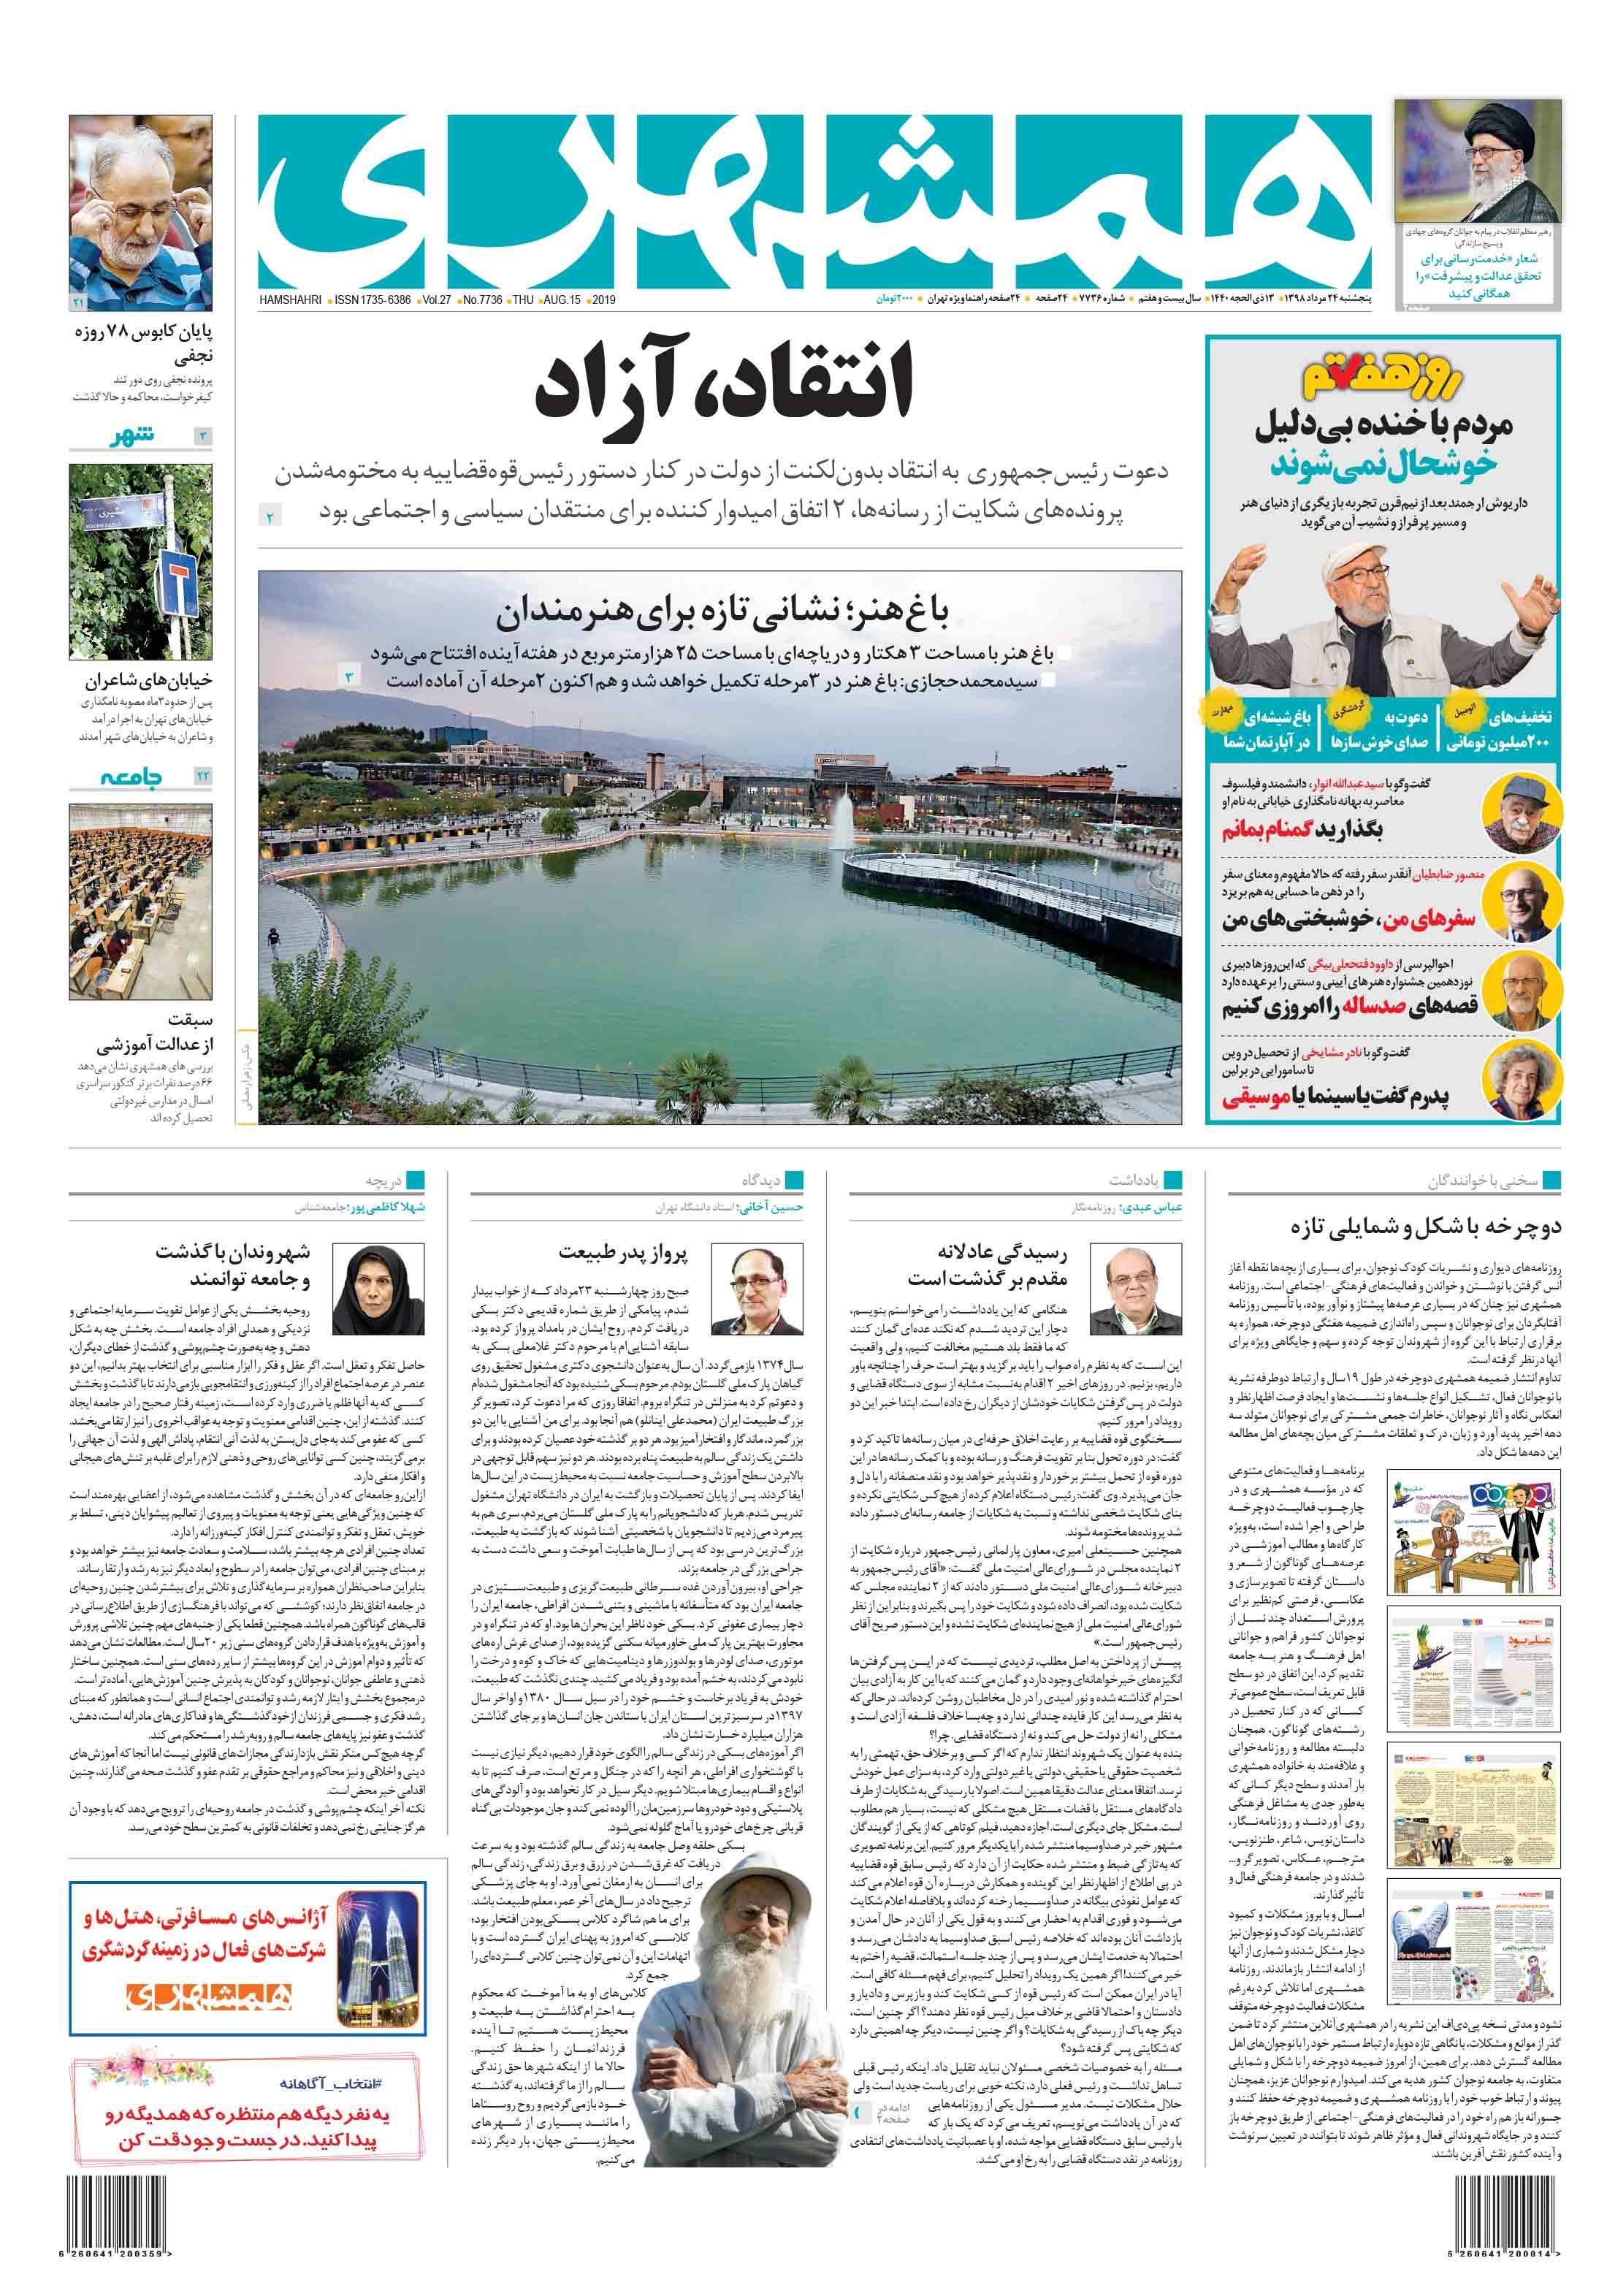 صفحه اول پنجشنبه 24 مرداد 1398